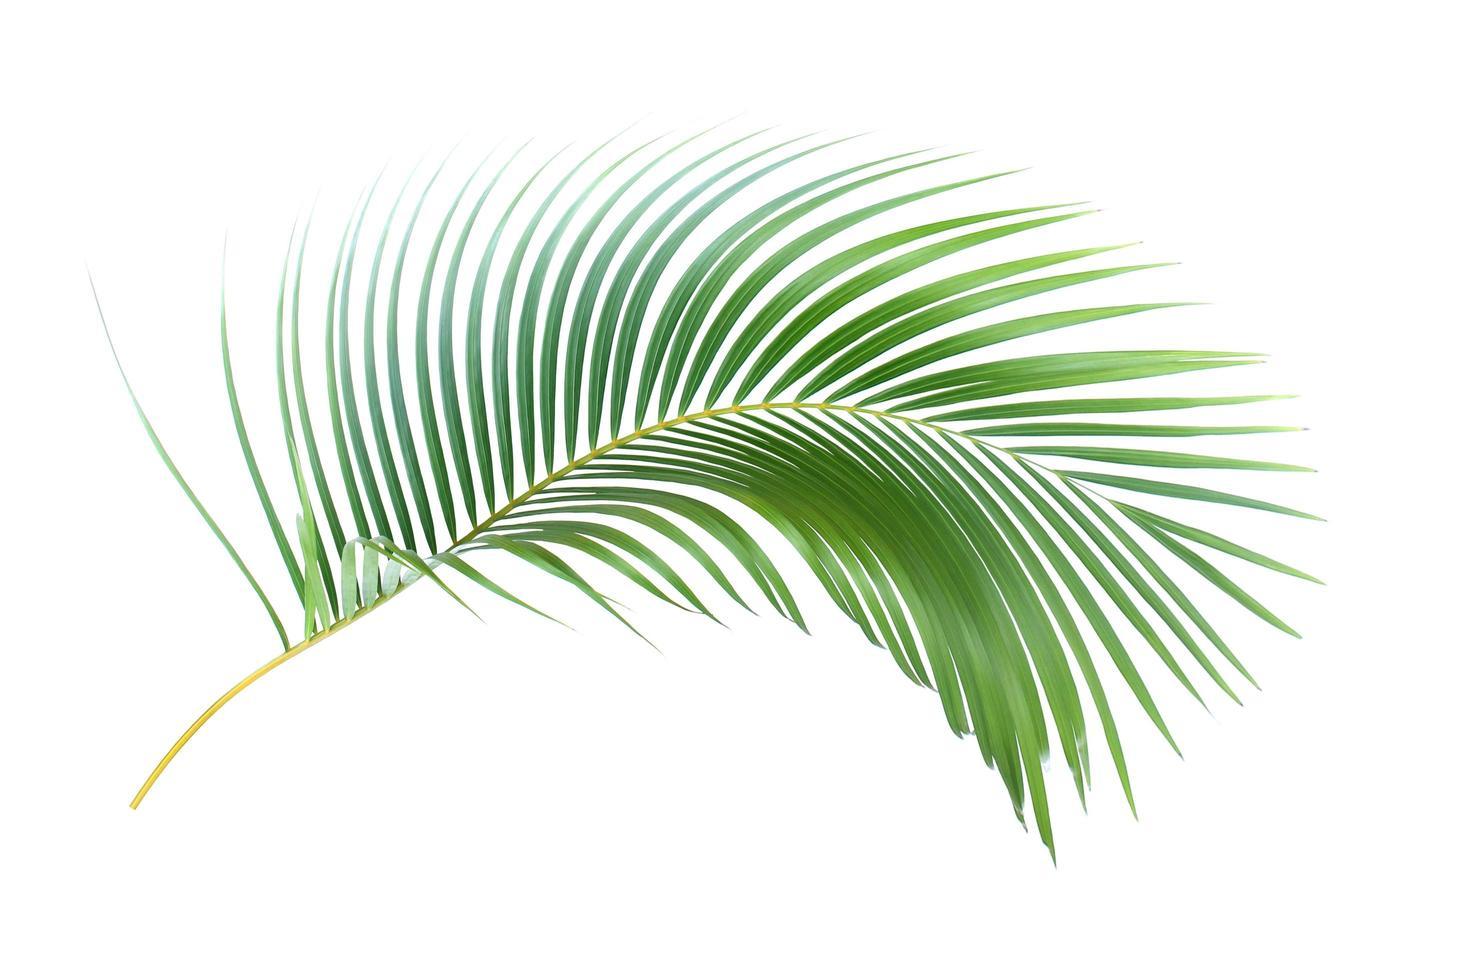 foglia di palma tropicale foto